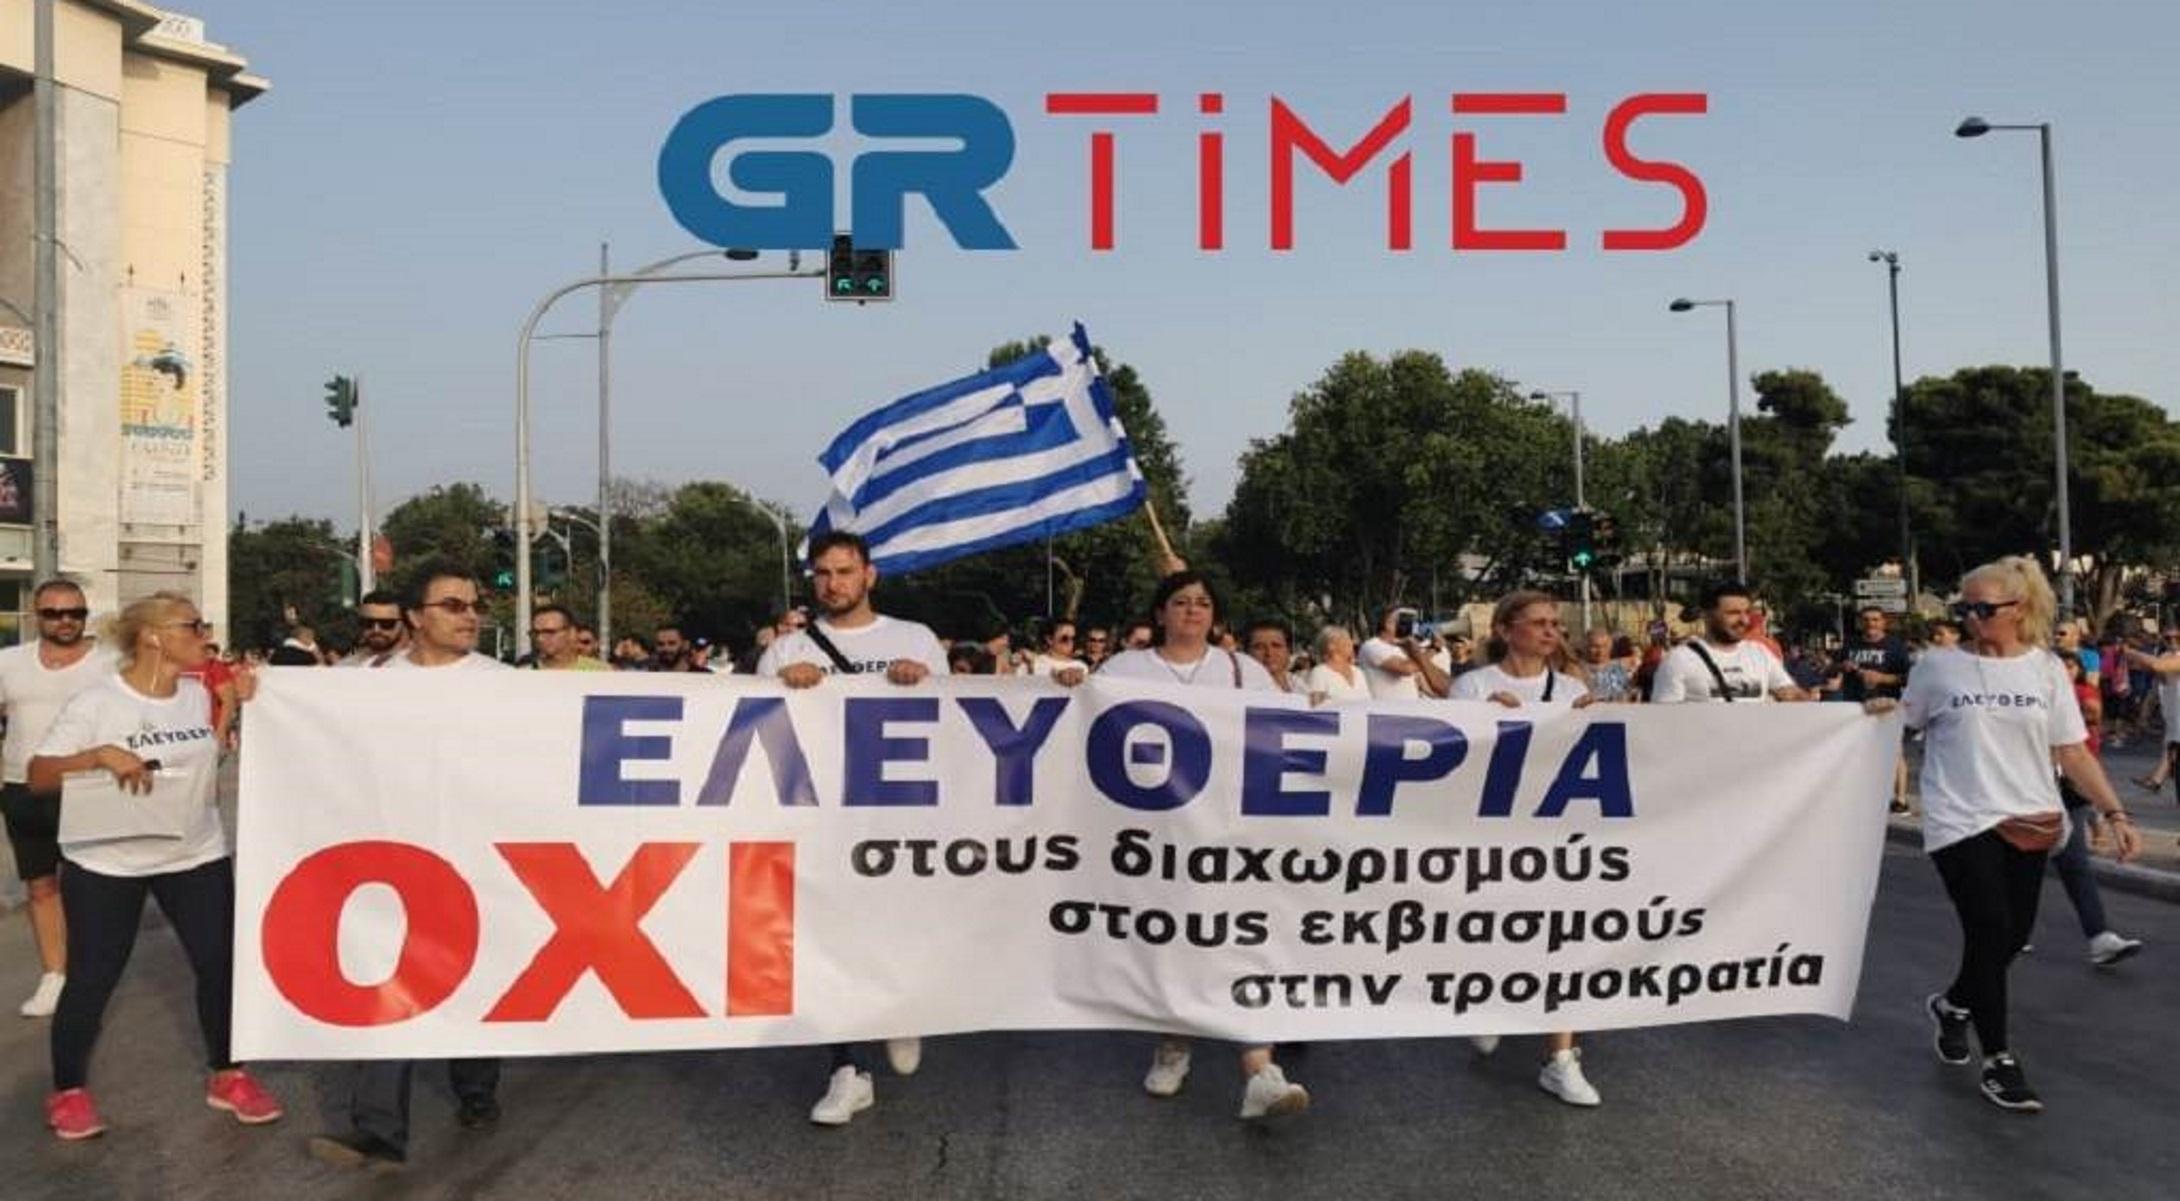 Συγκεντρώσεις αρνητών του εμβολίου σε Θεσσαλονίκη, Ηράκλειο, Πάτρα